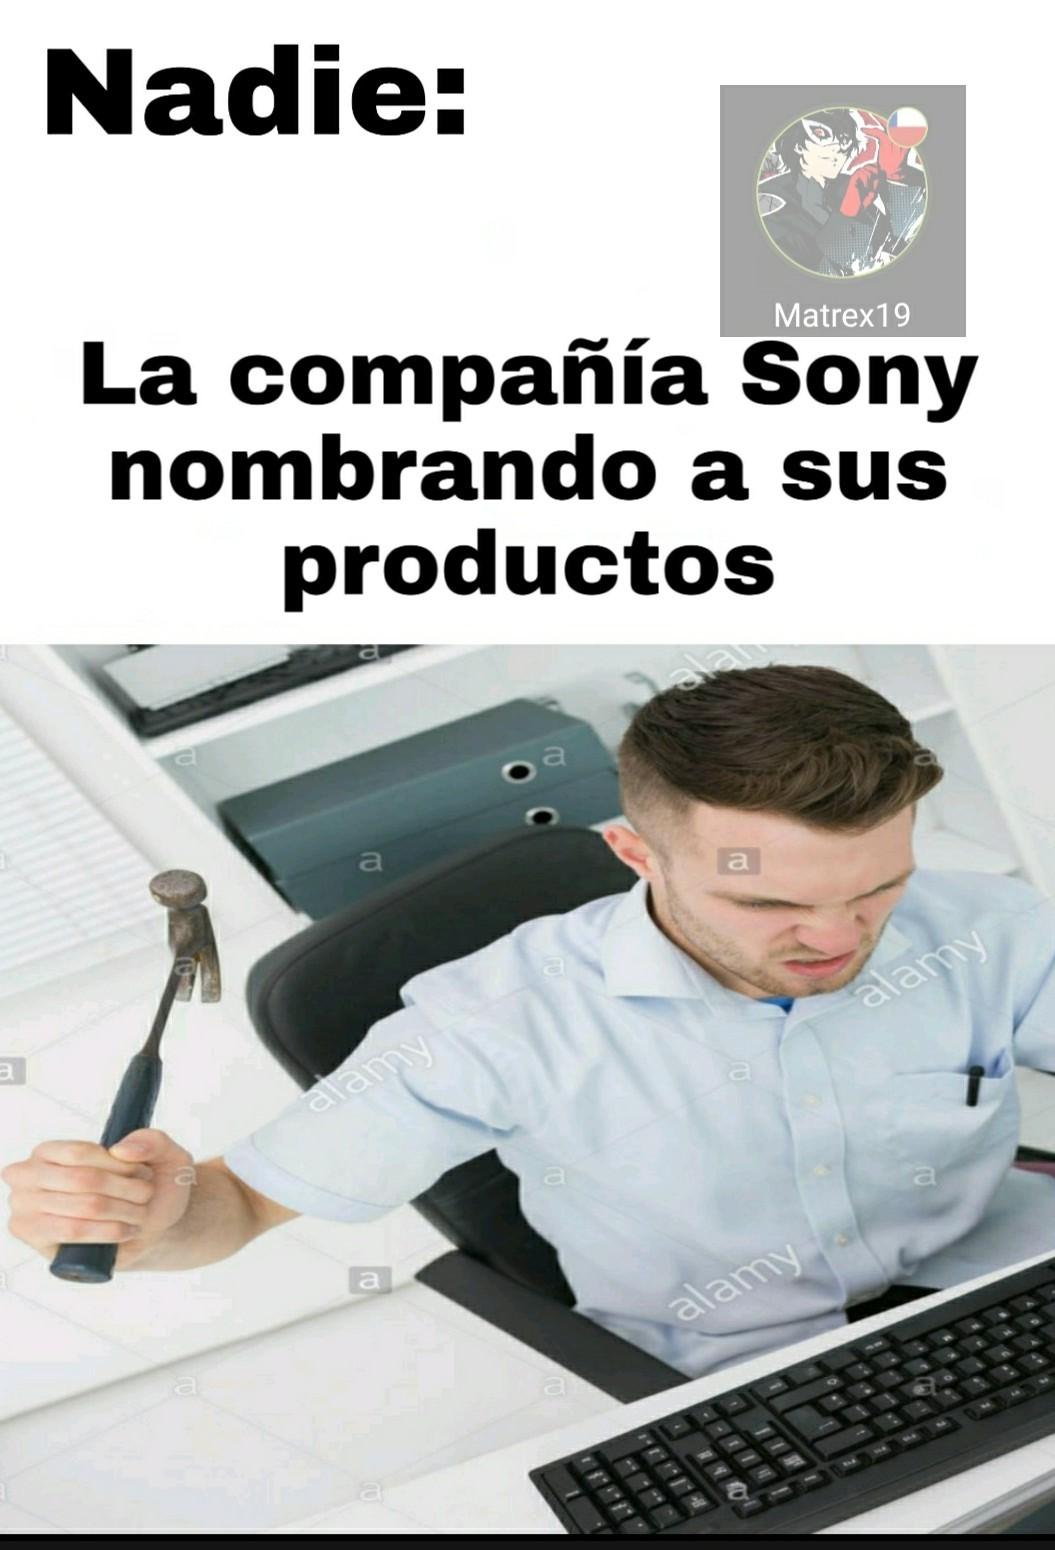 La compañía Sony, le pone nombre raros, por ejemplo un audífono Sony que uso, se llama MDR-XB550.. - meme